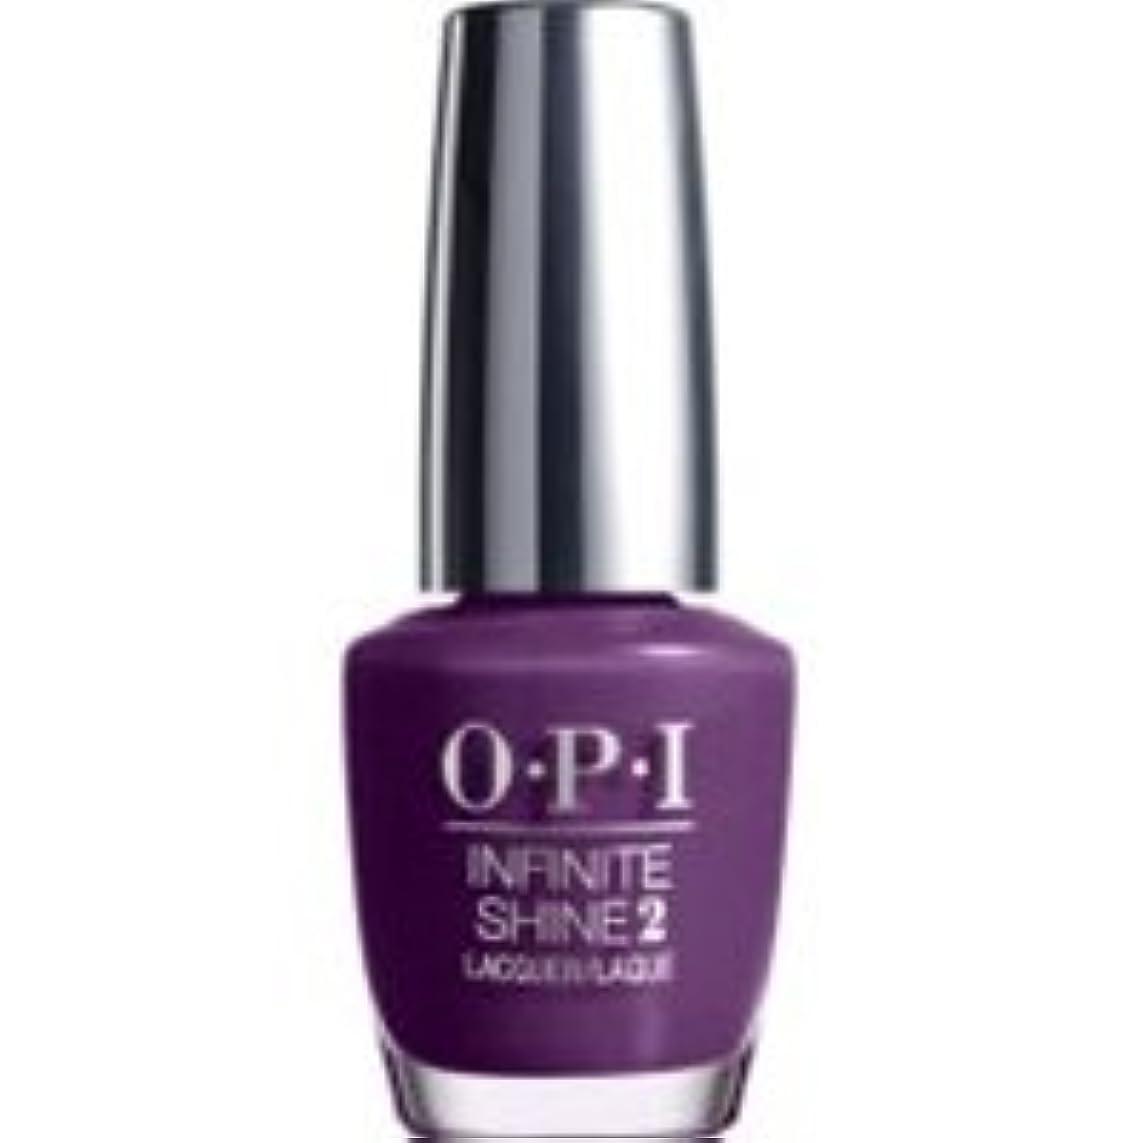 人工的な期限切れリップO.P.I IS L52 Endless Purple Pursuit(エンドレスパープルパースート) #Endless Purple Pursuit